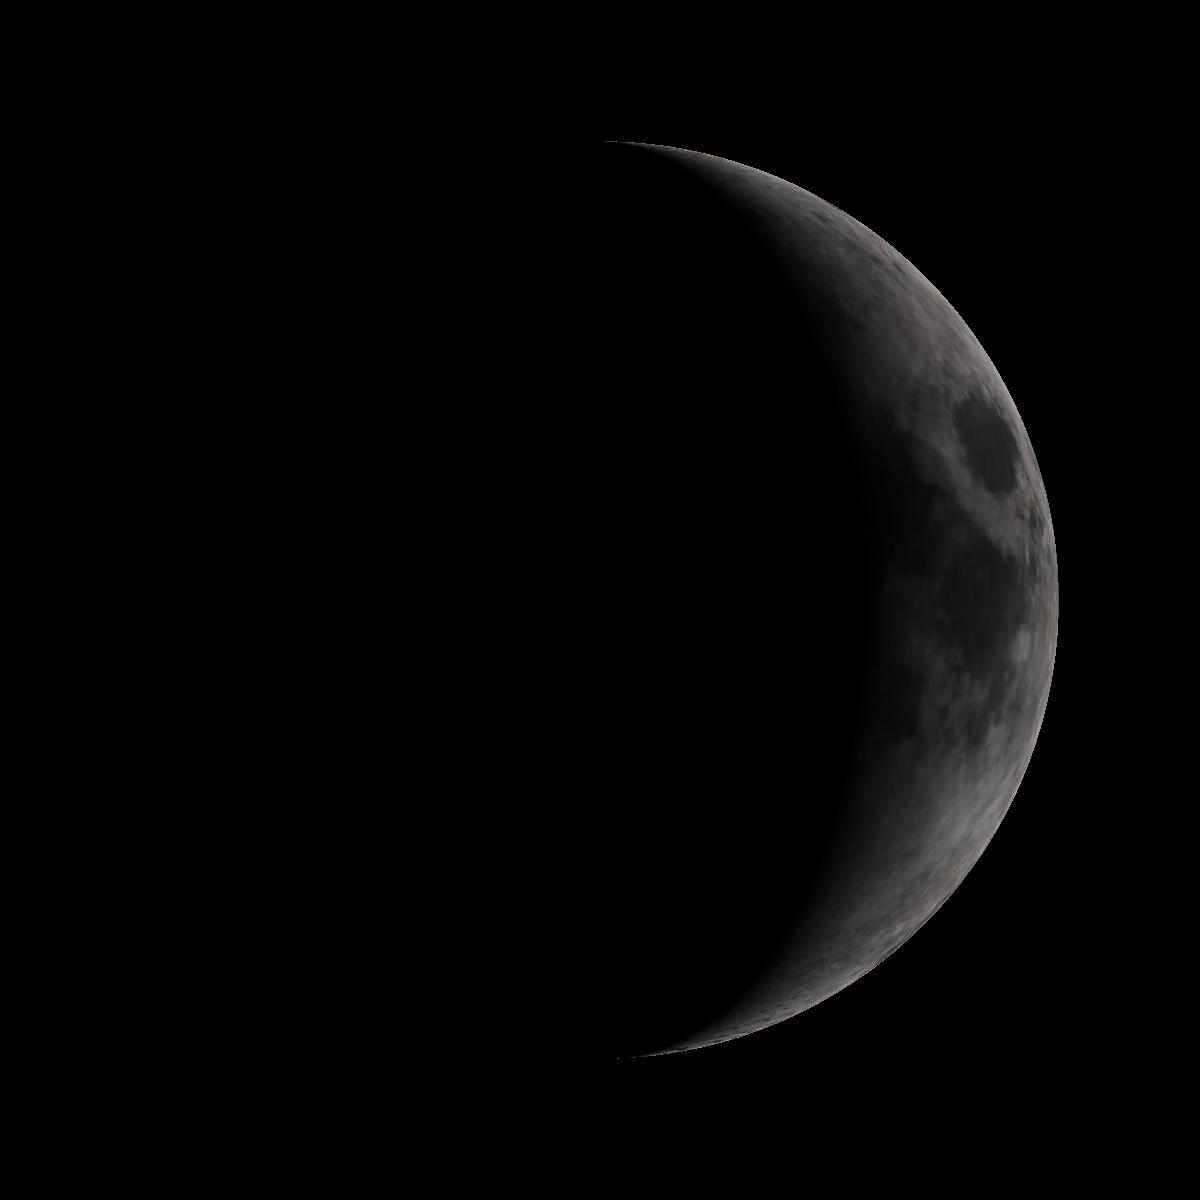 Lune du 28avril 2020